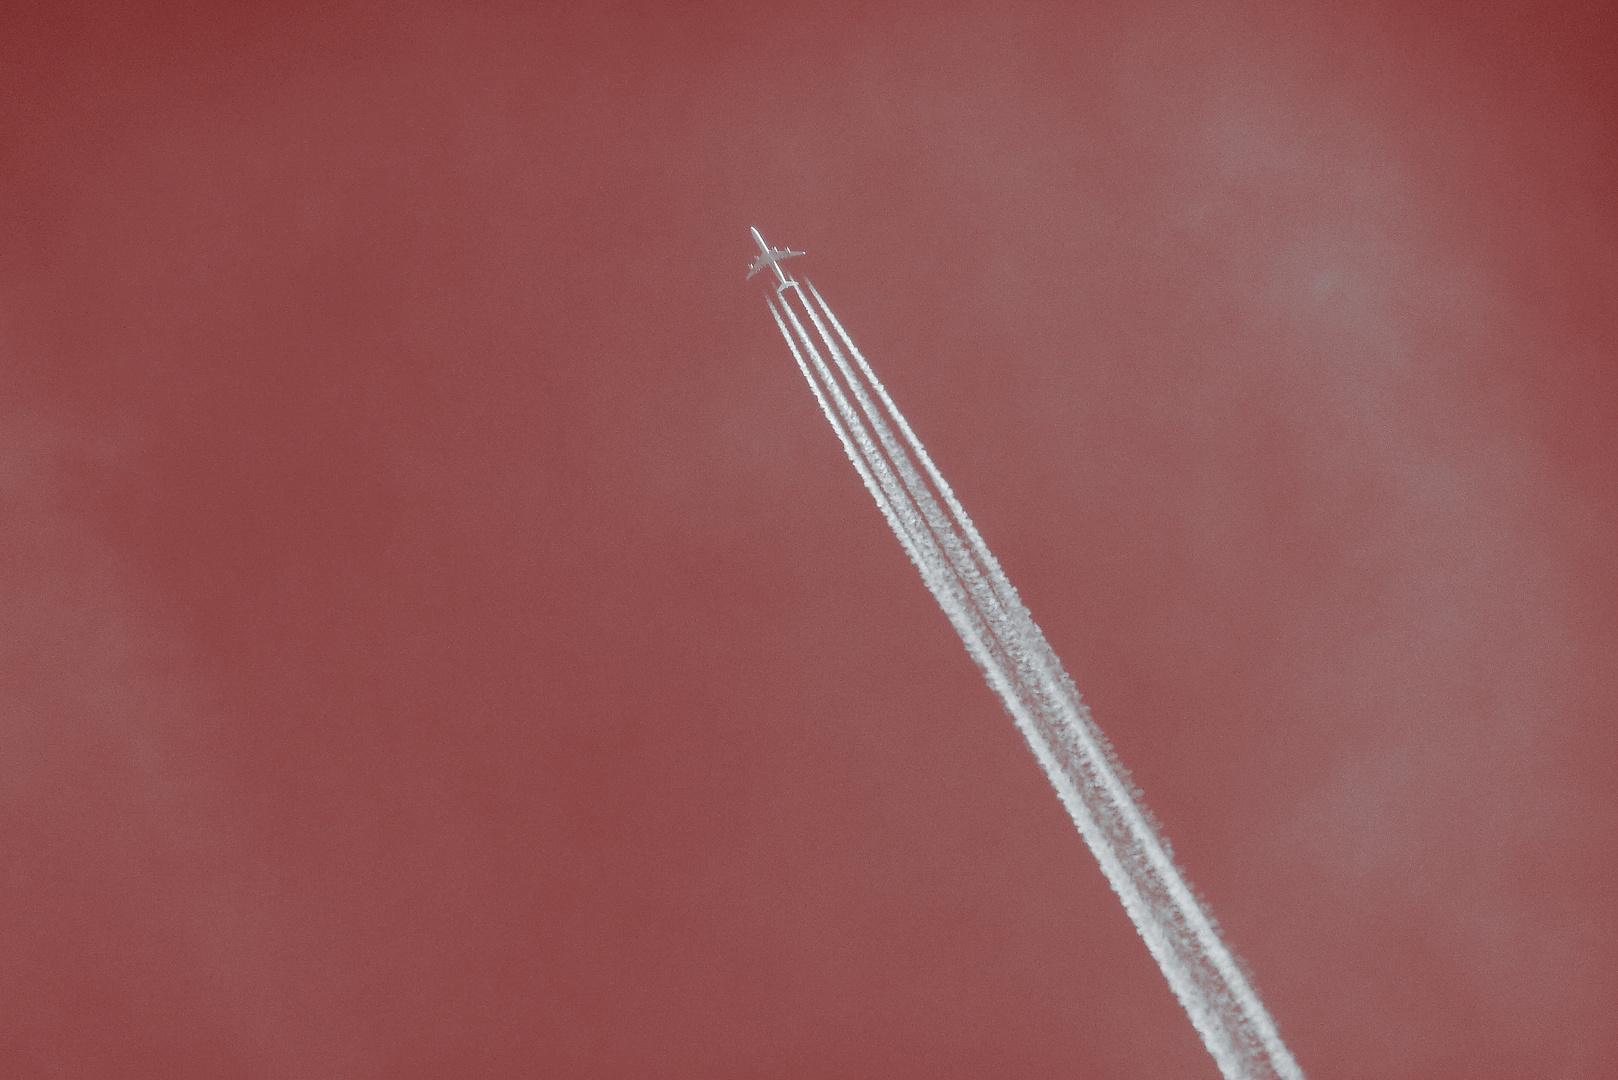 ... der Überflieger